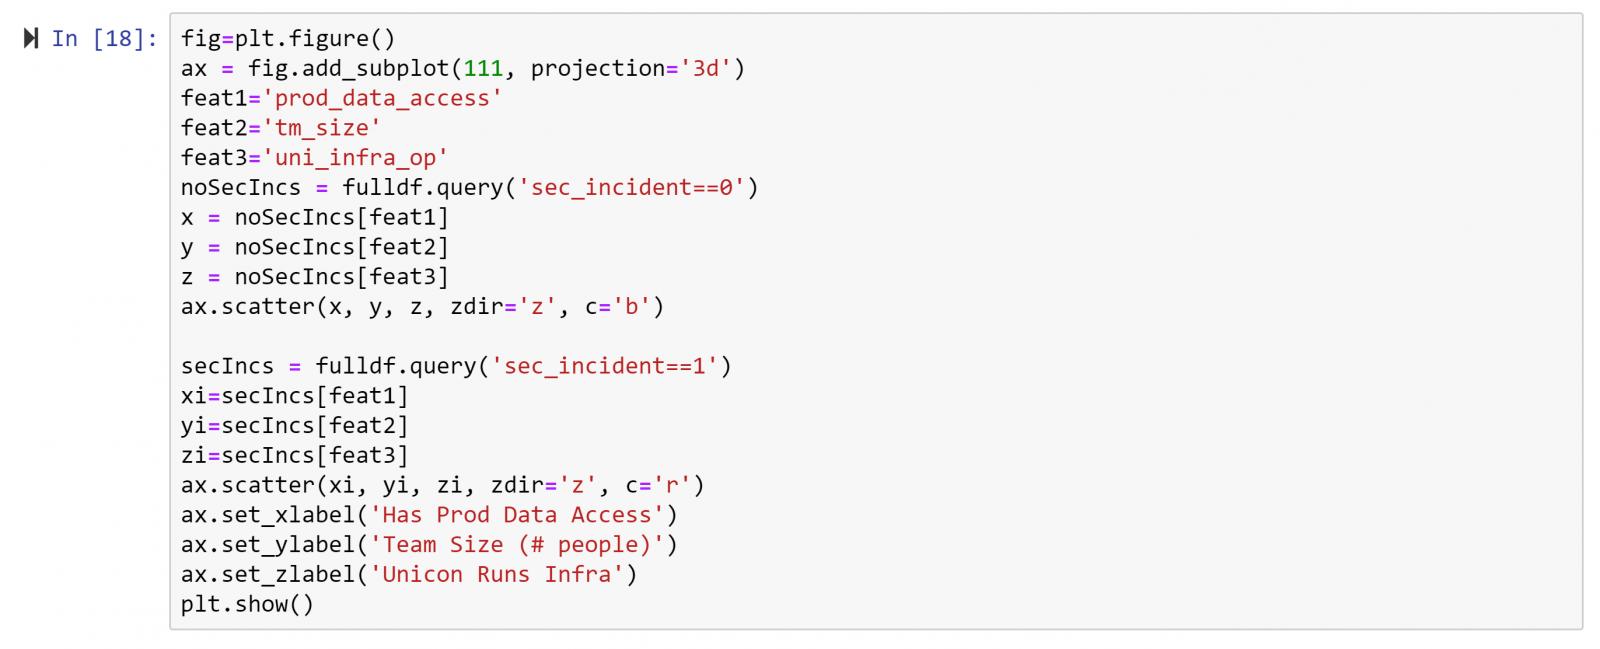 Screenshot of Jupyter Notebook code.